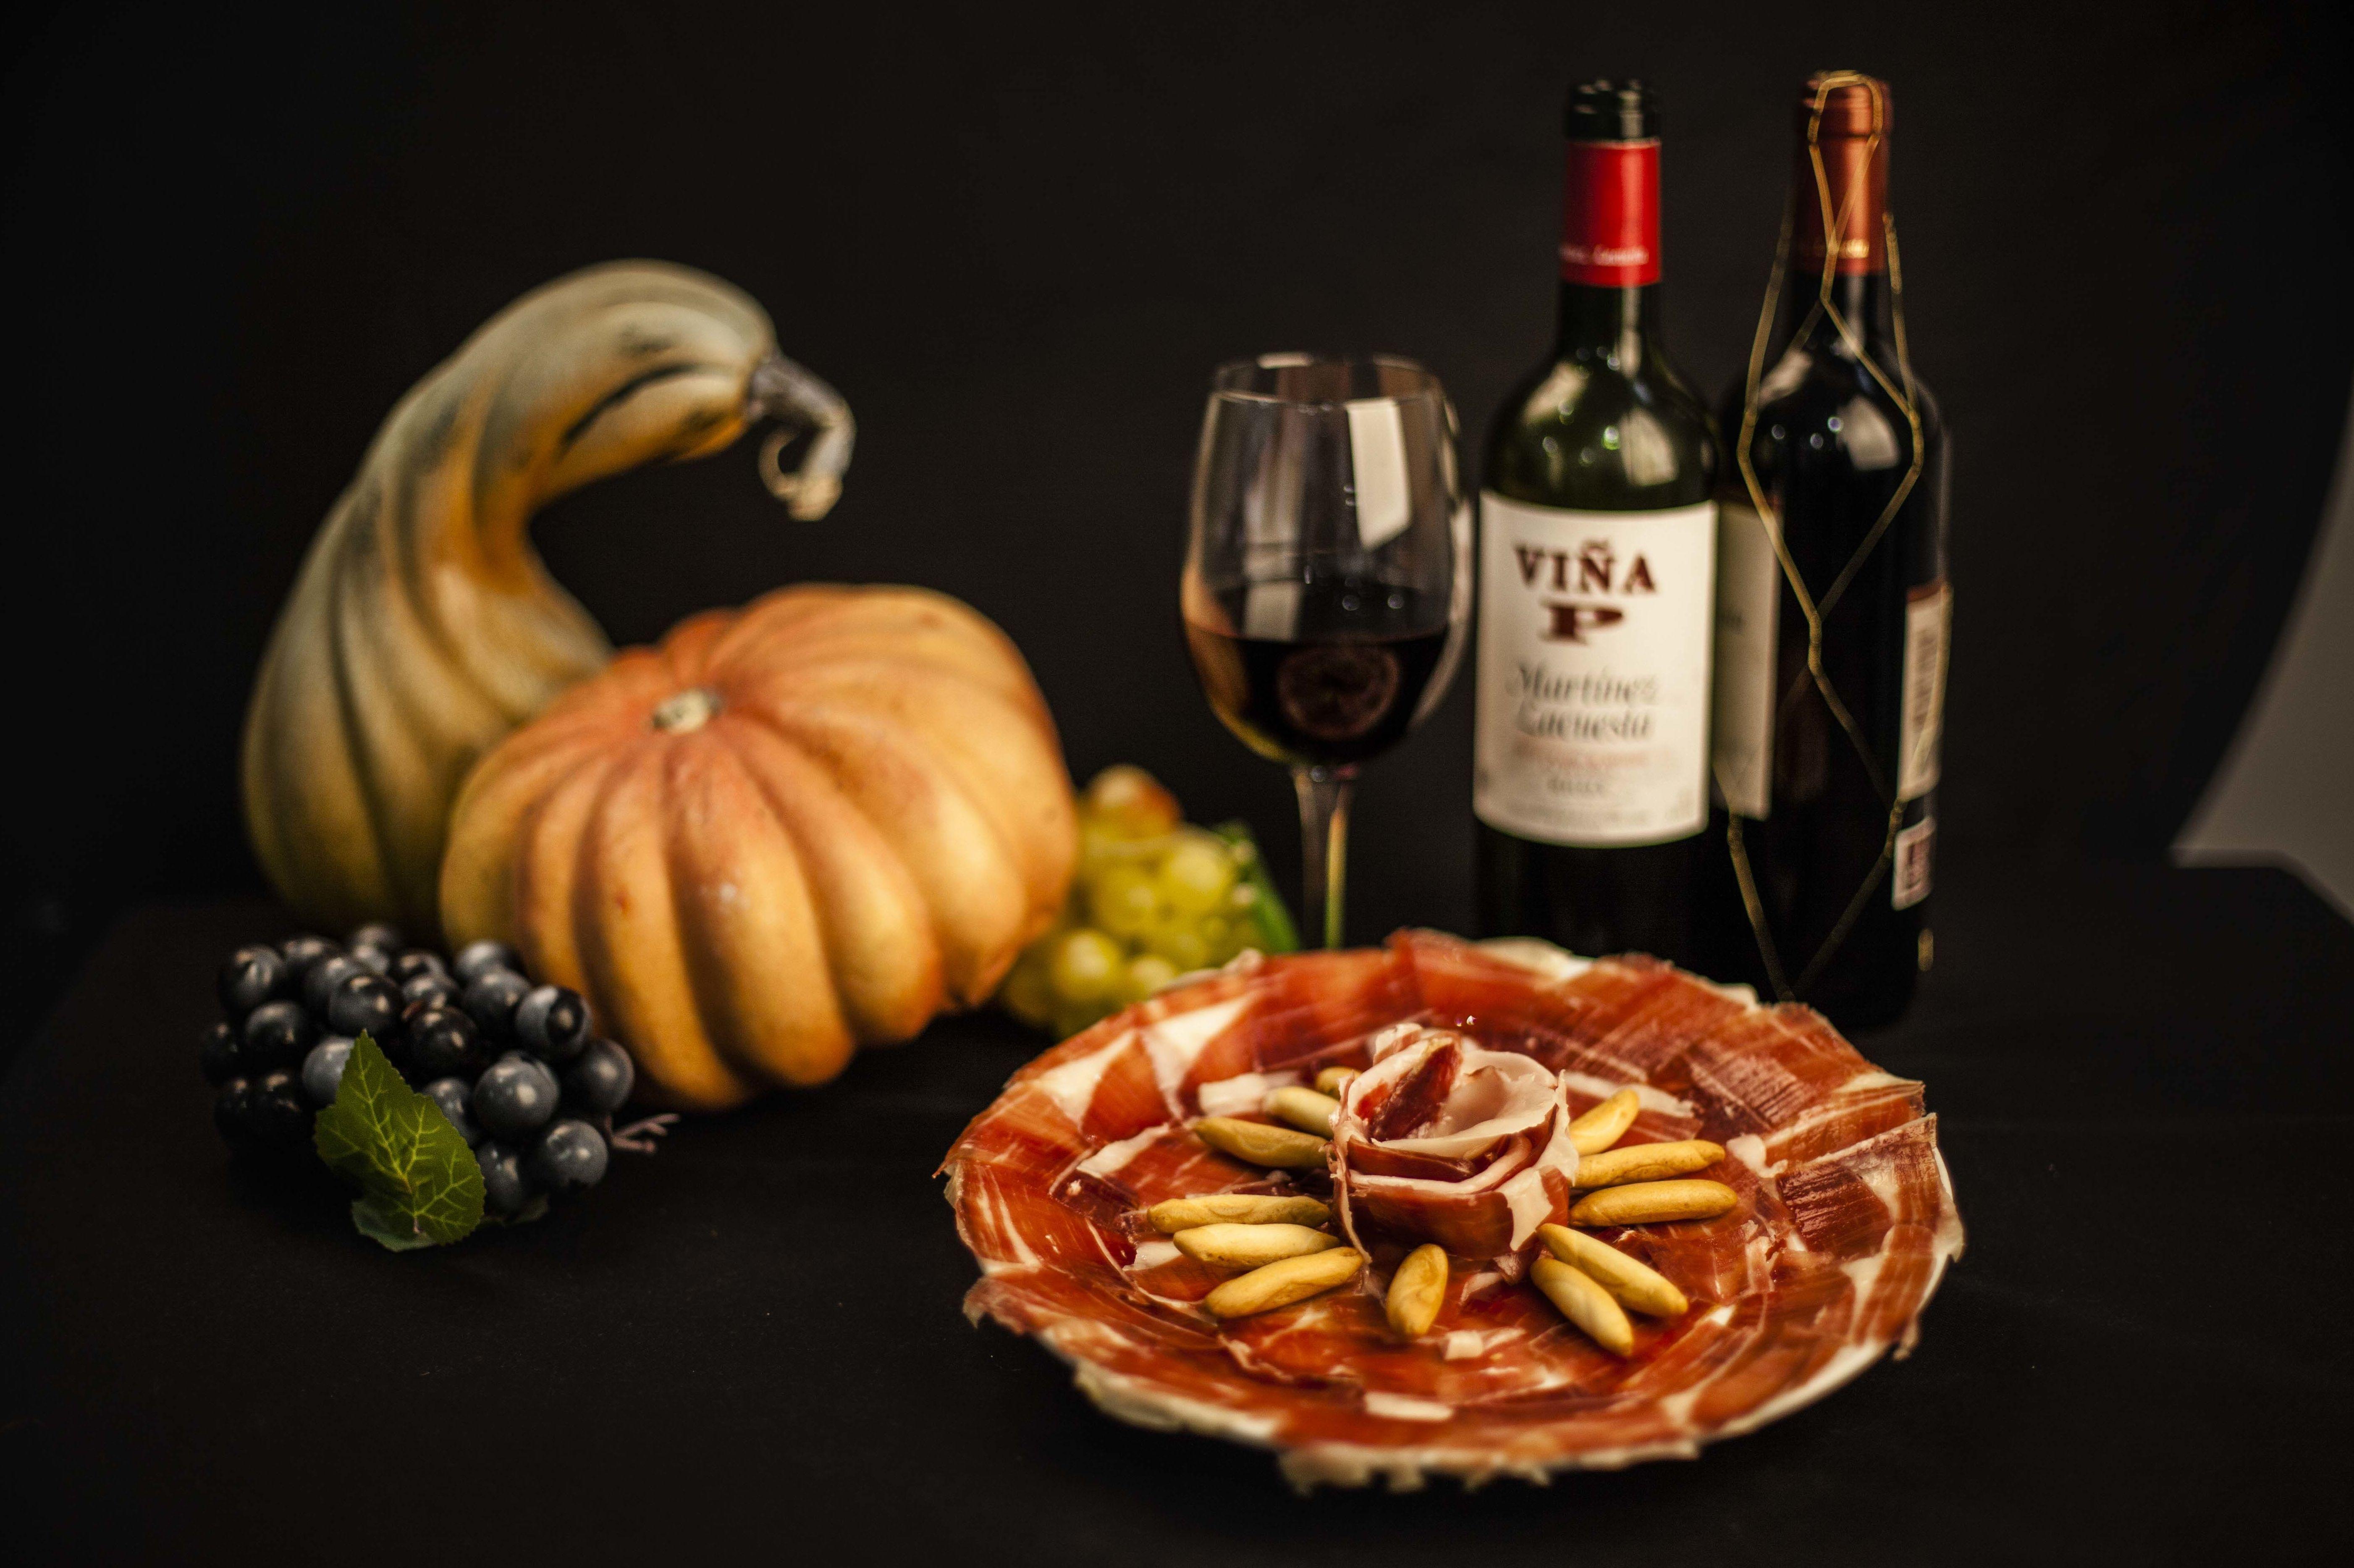 Foto 13 de Restaurante en Madrid | Restaurante Viña P